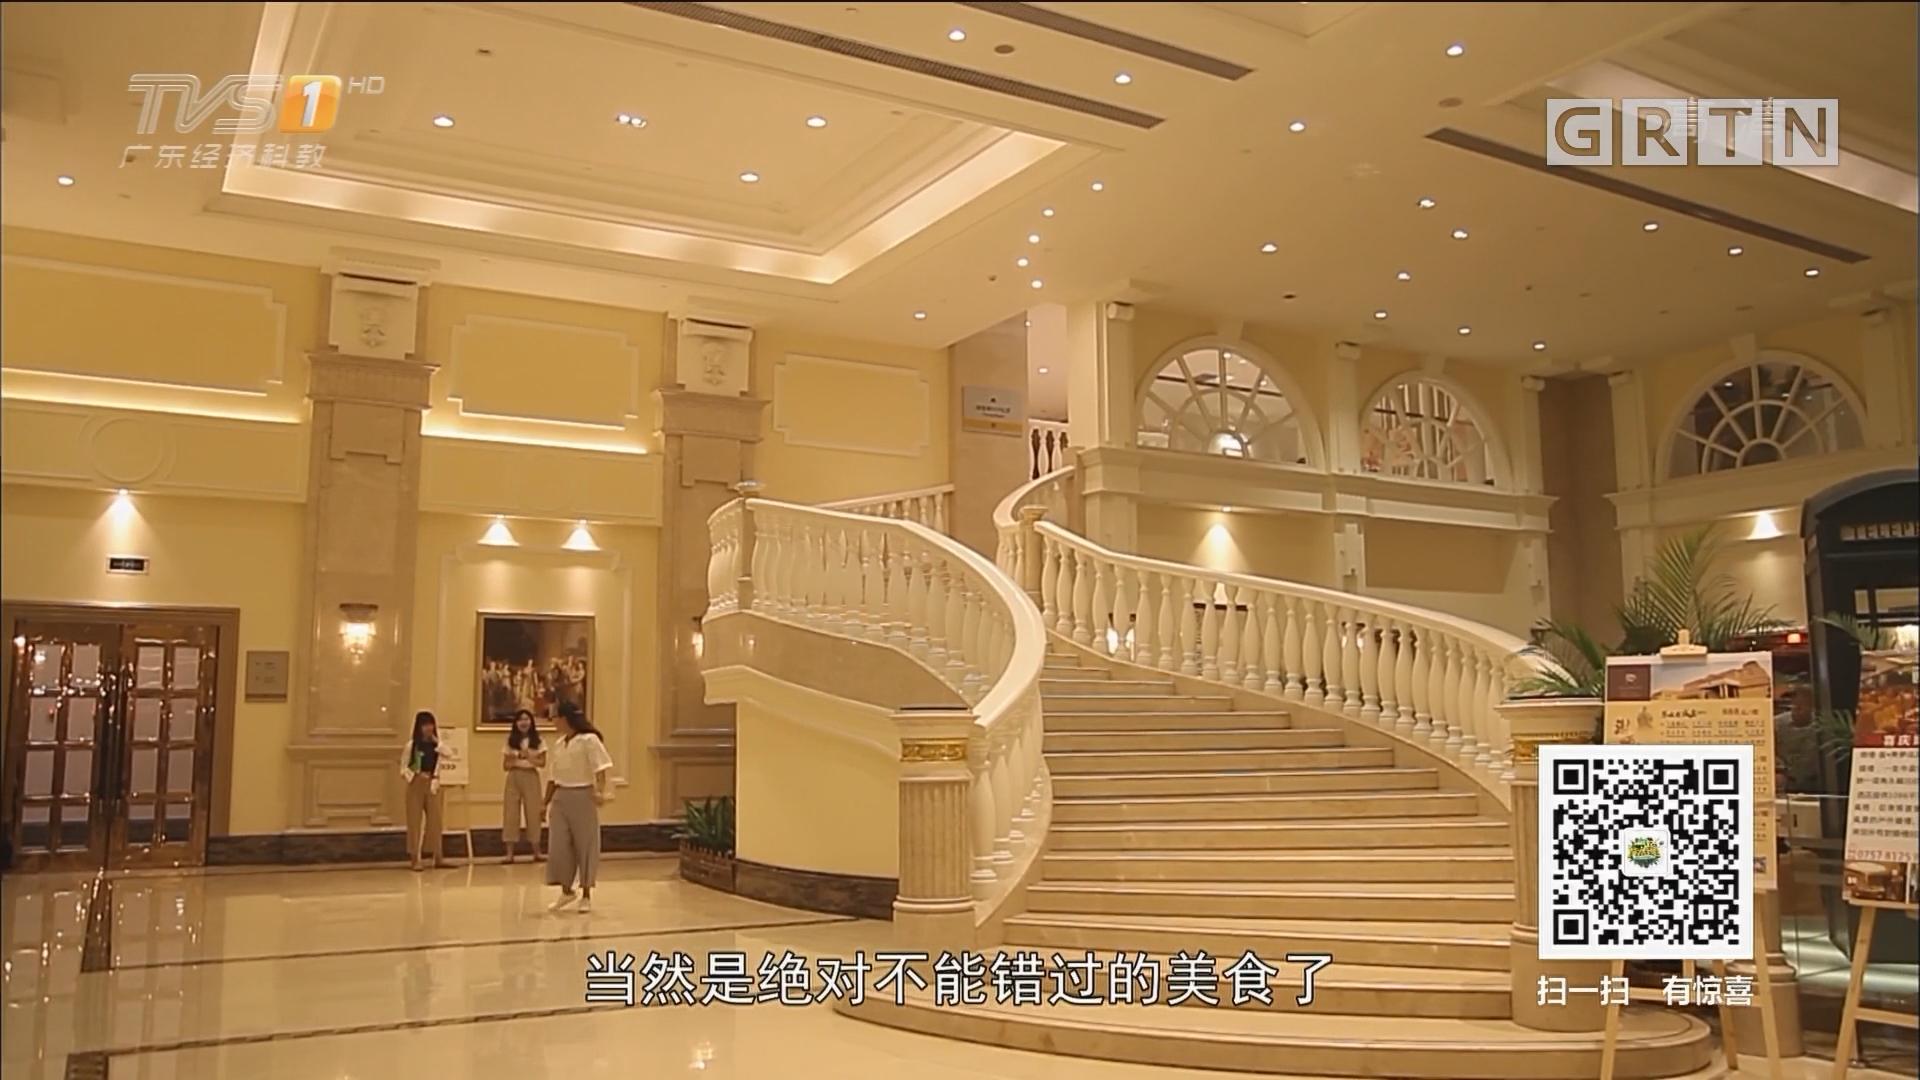 西樵山国艺影视城——国艺度假酒店